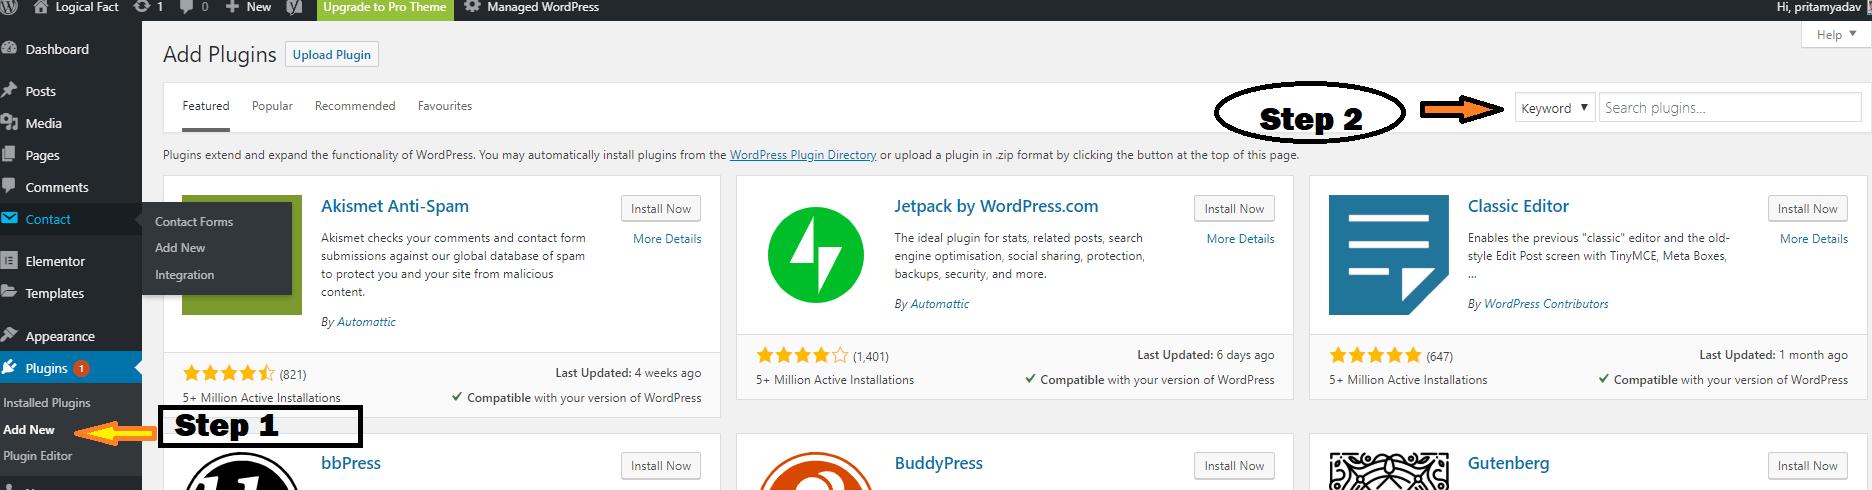 WordPress Plugin Kya Hai Aur Install Kaise Kare